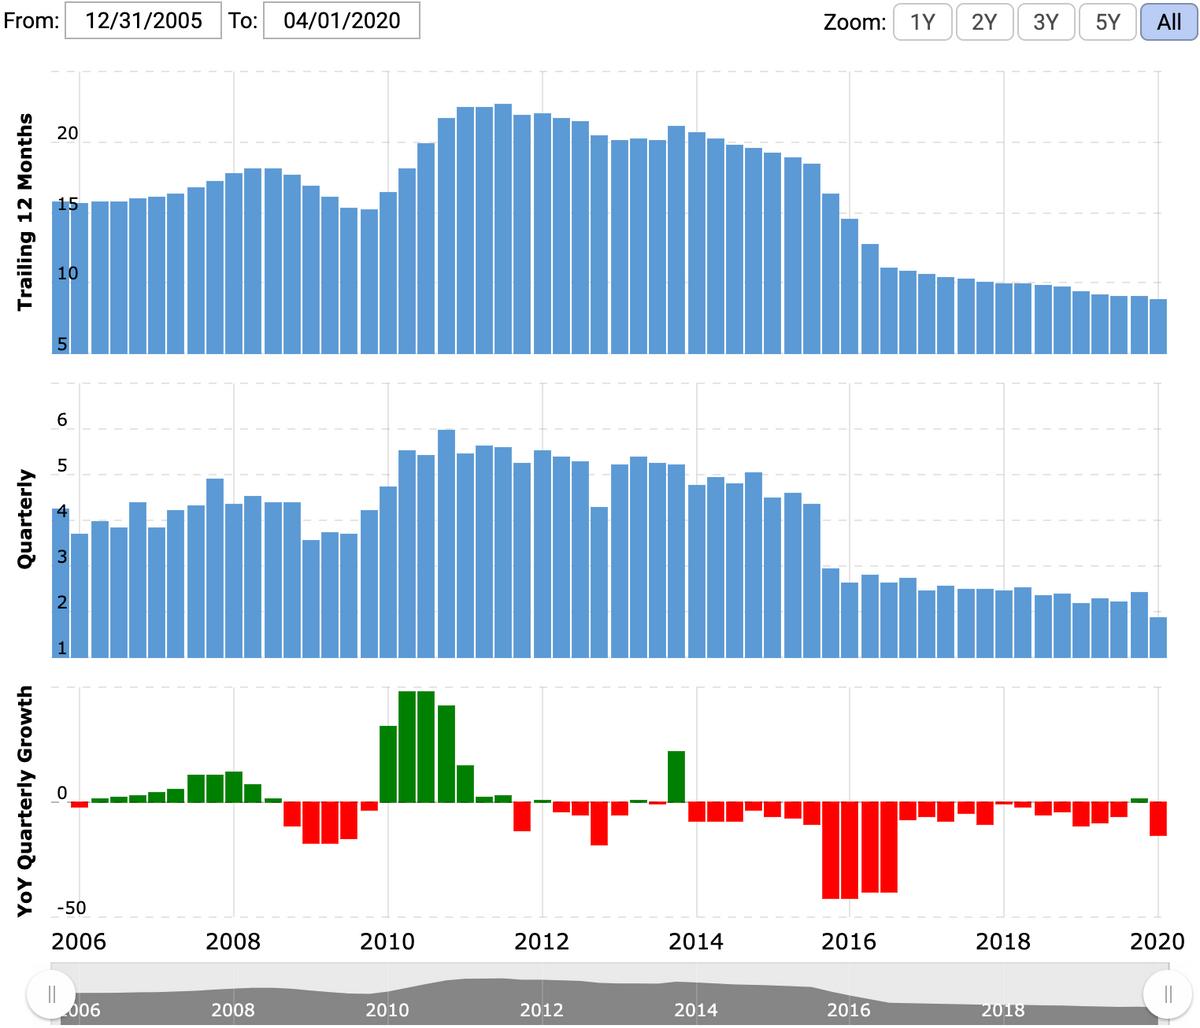 Выручка за последние 12 месяцев и поквартально в миллиардах долларов, рост/снижение по кварталам в процентах по сравнению с аналогичным периодом прошлого года. Источник: Macrotrends